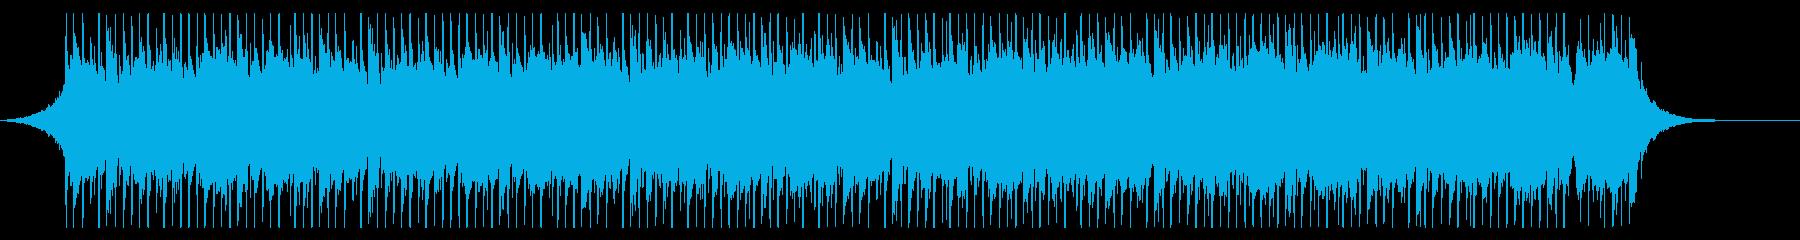 建物(60秒)の再生済みの波形